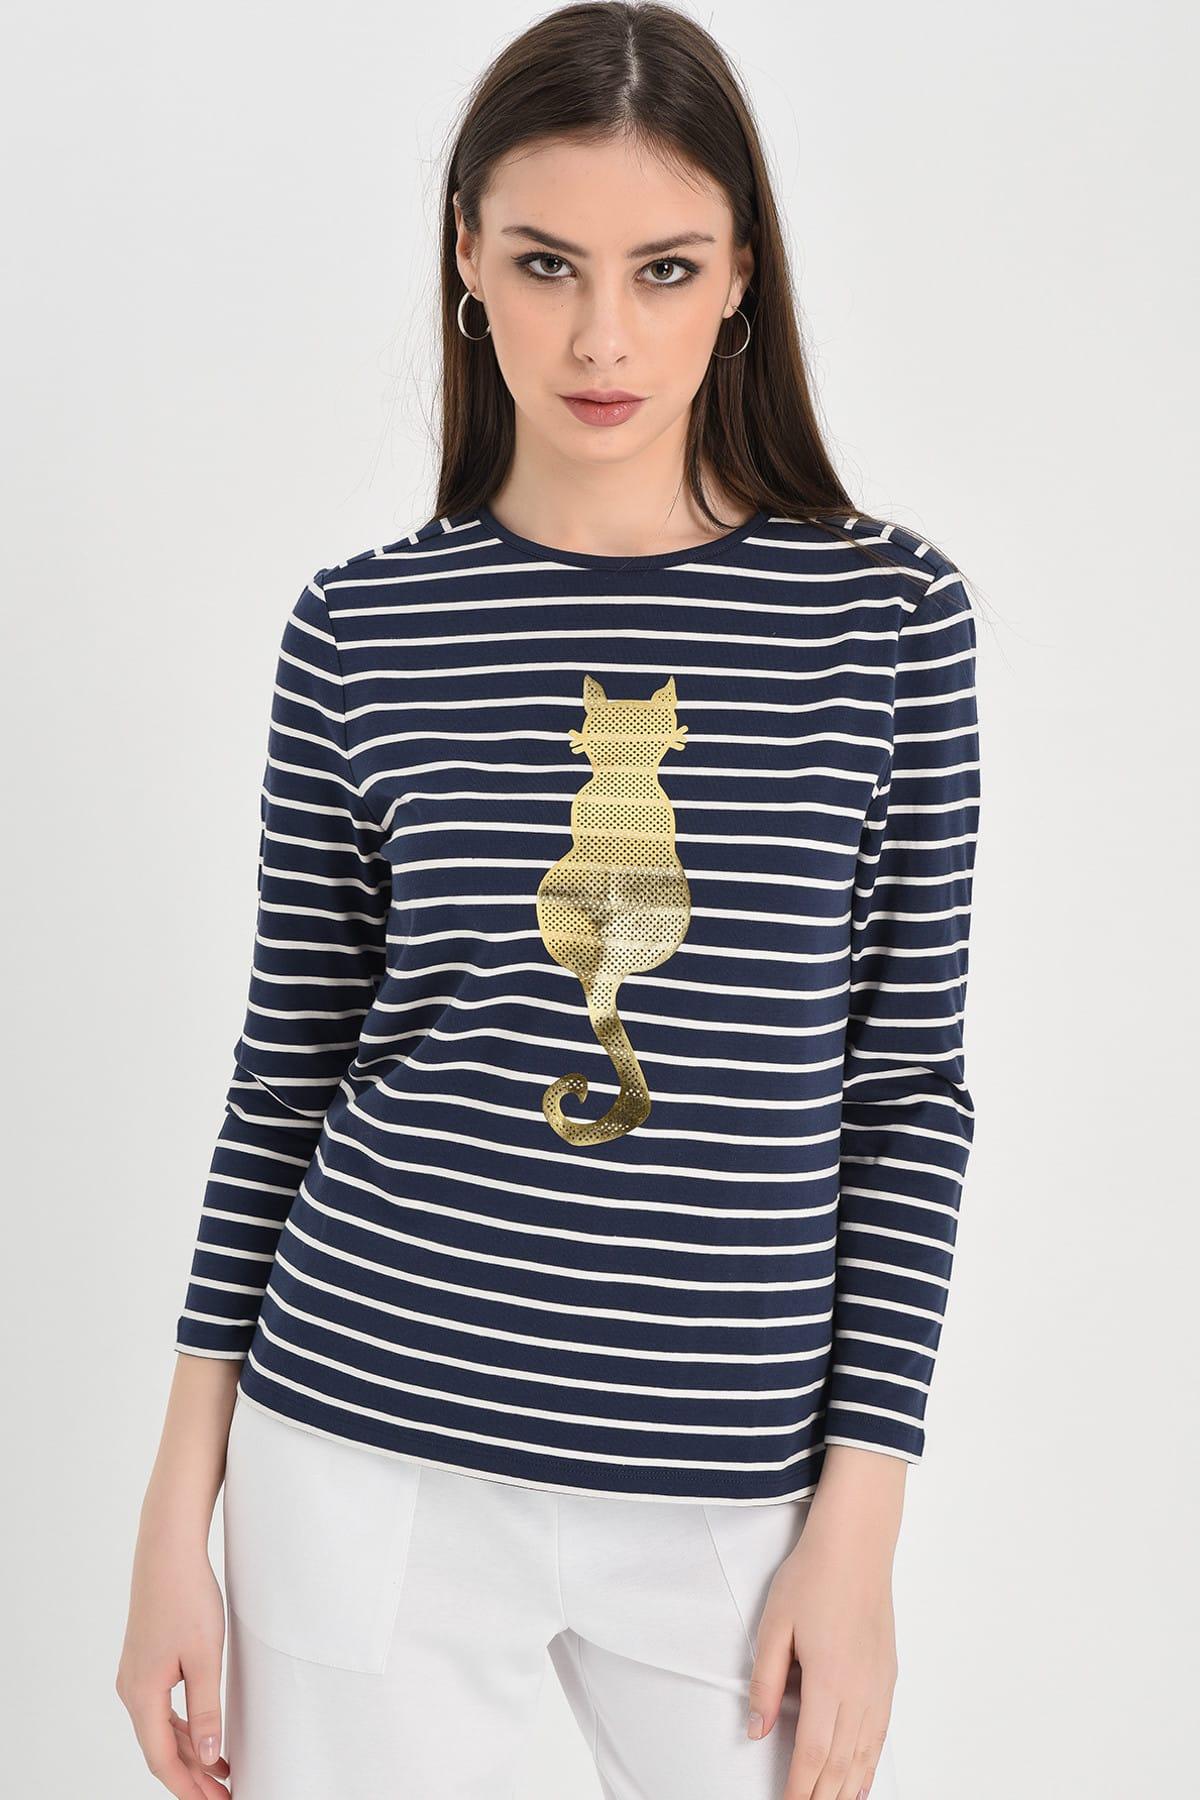 Hanna's by Hanna Darsa Kadın Lacivert-Beyaz Lacivert-Beyaz Çizgili Uzun Kollu Kedi Baskılı Bluz Hn1294 2